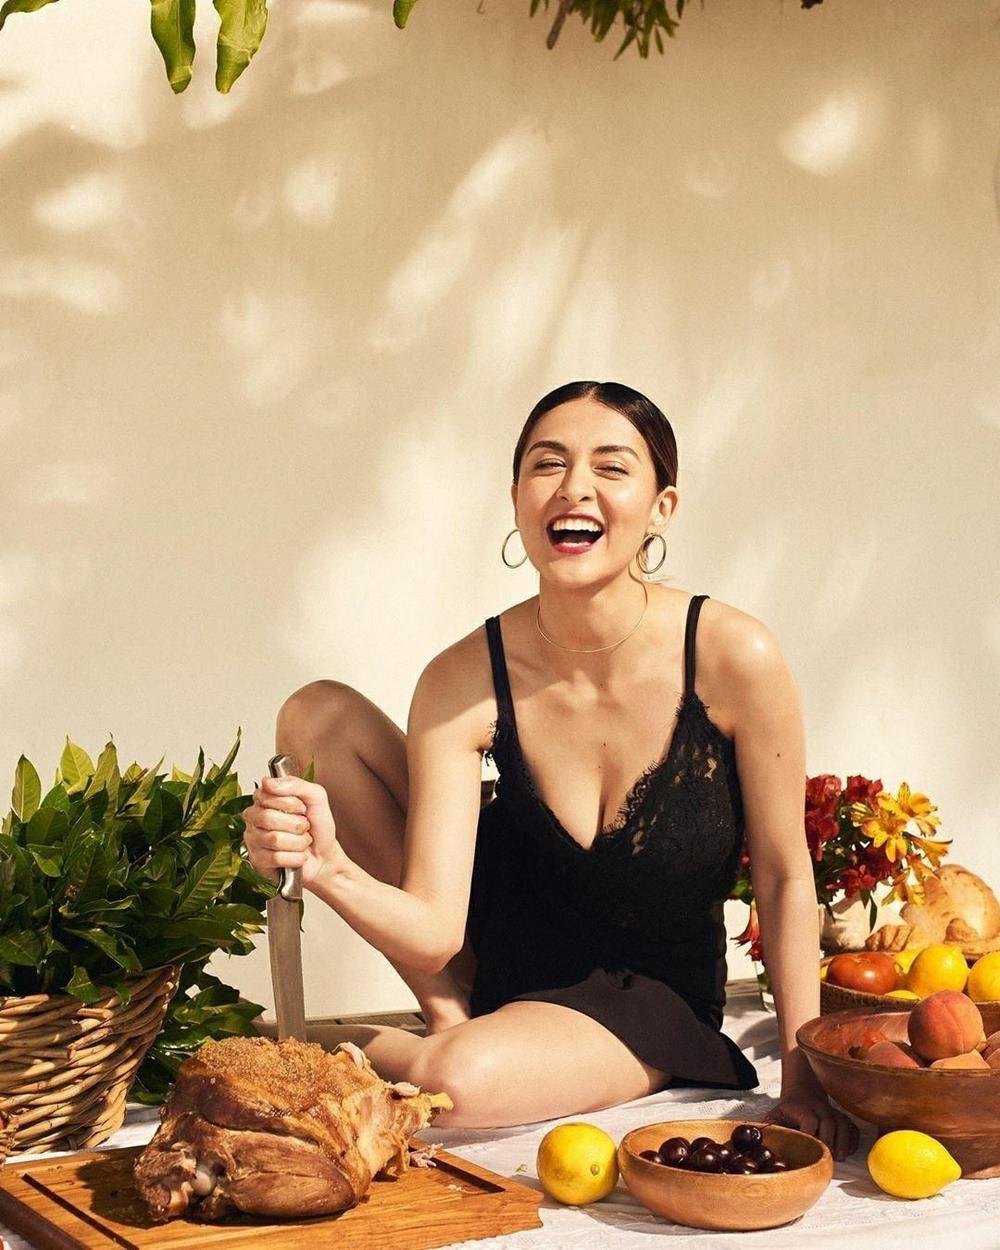 'Mỹ nhân đẹp nhất Philippines' tình tứ bên chồng ở bể bơi nhưng vòng 1 'khủng' mới là tâm điểm Ảnh 5